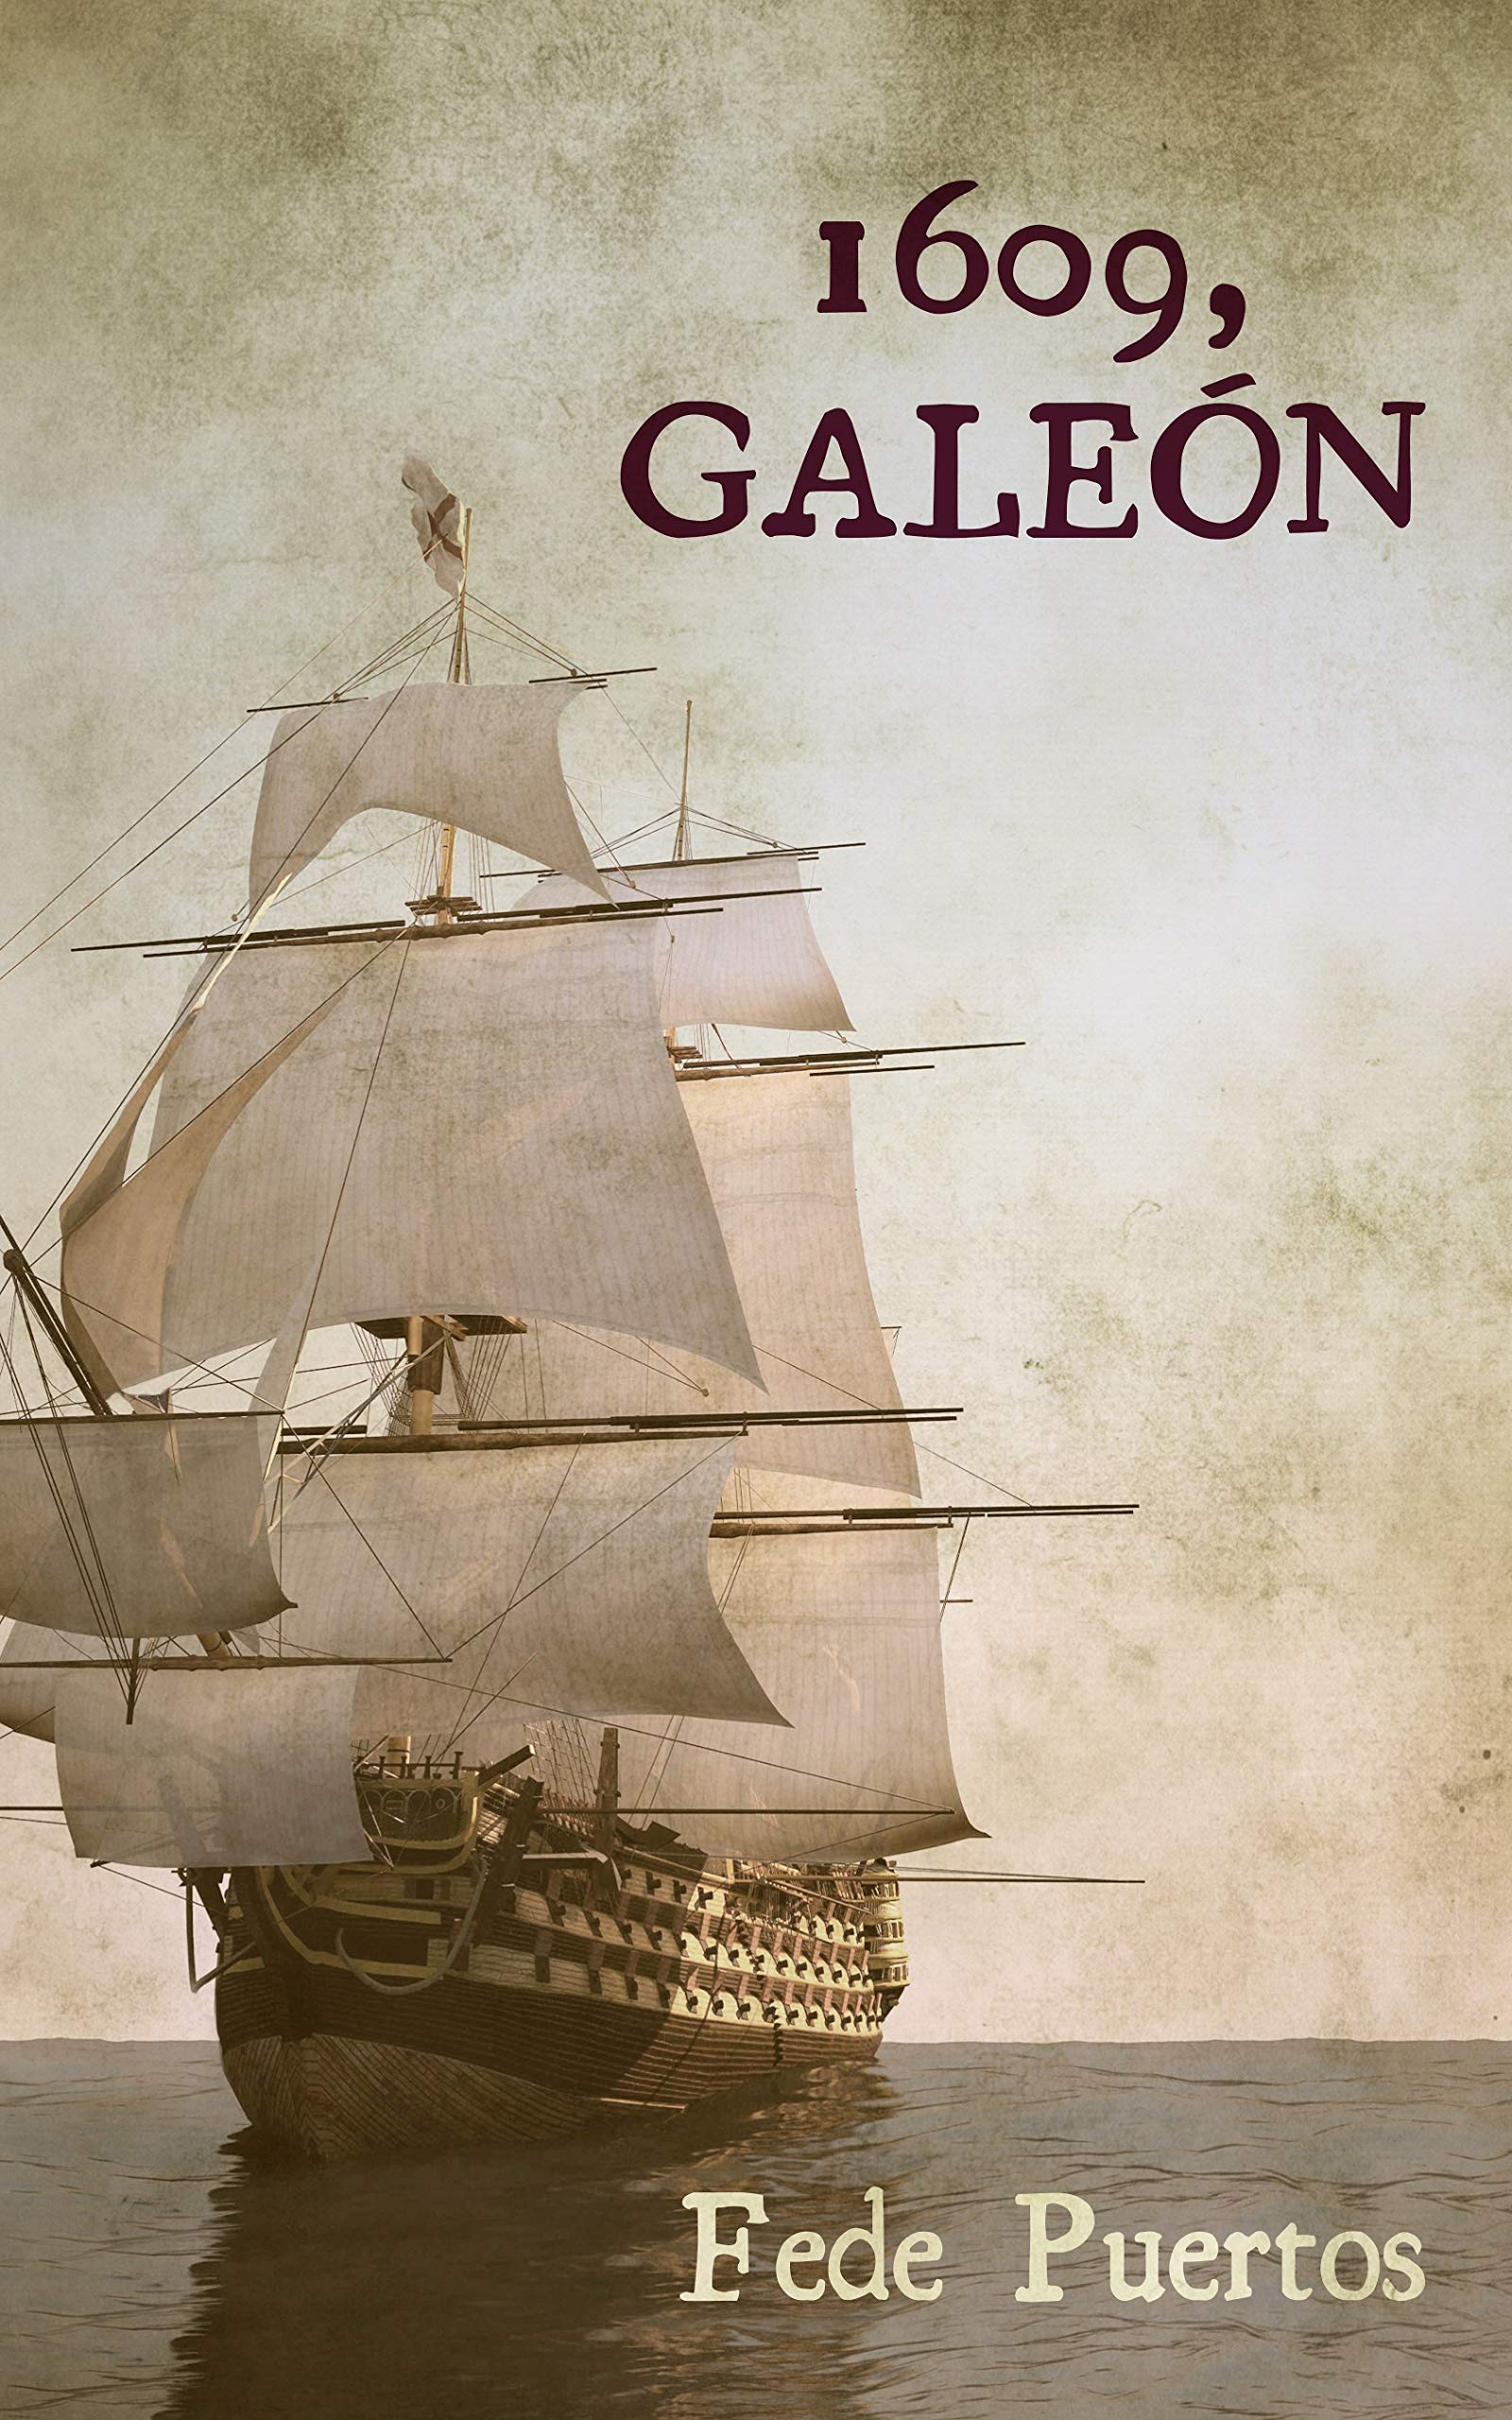 1609.Galeón por Fede Puertos